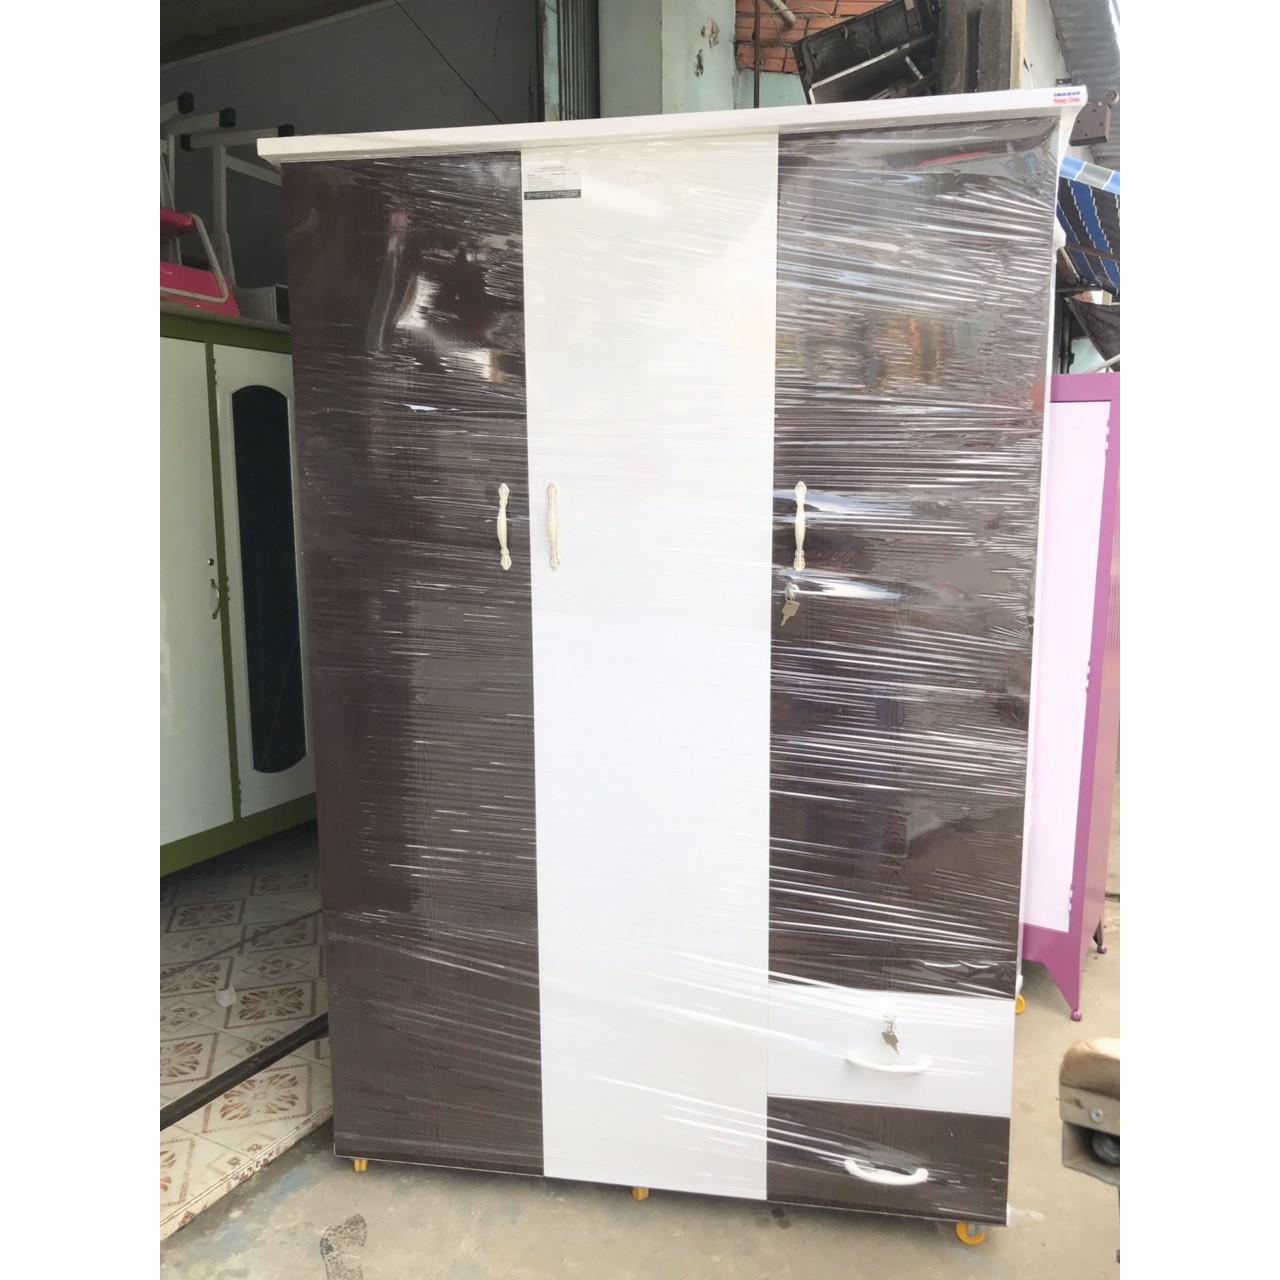 Tủ quần áo bằng nhựa đài loan 1m85 x1m25x48cm  -  tím